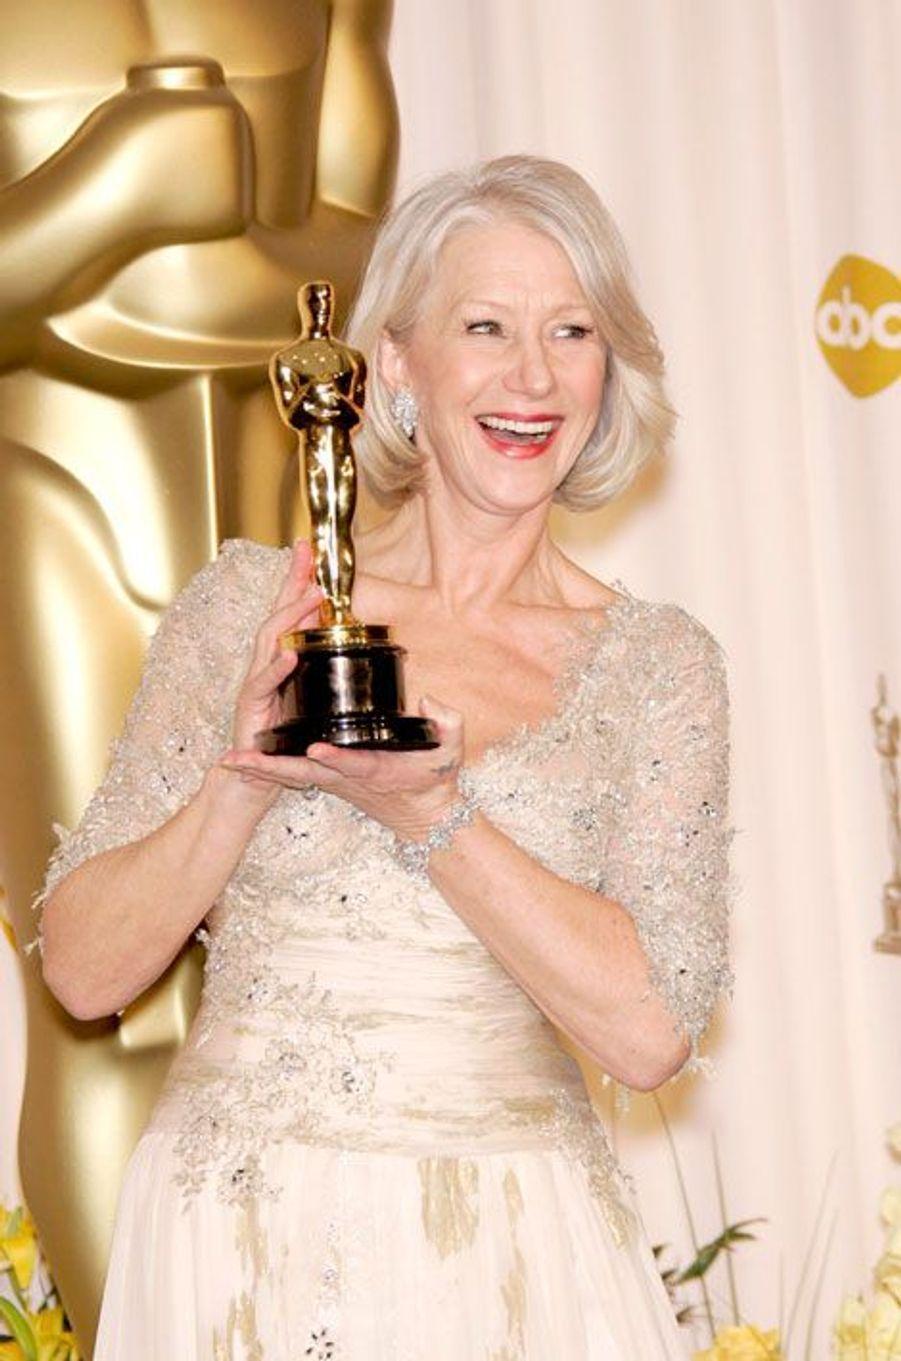 Oscar de la Meilleure actrice 2007